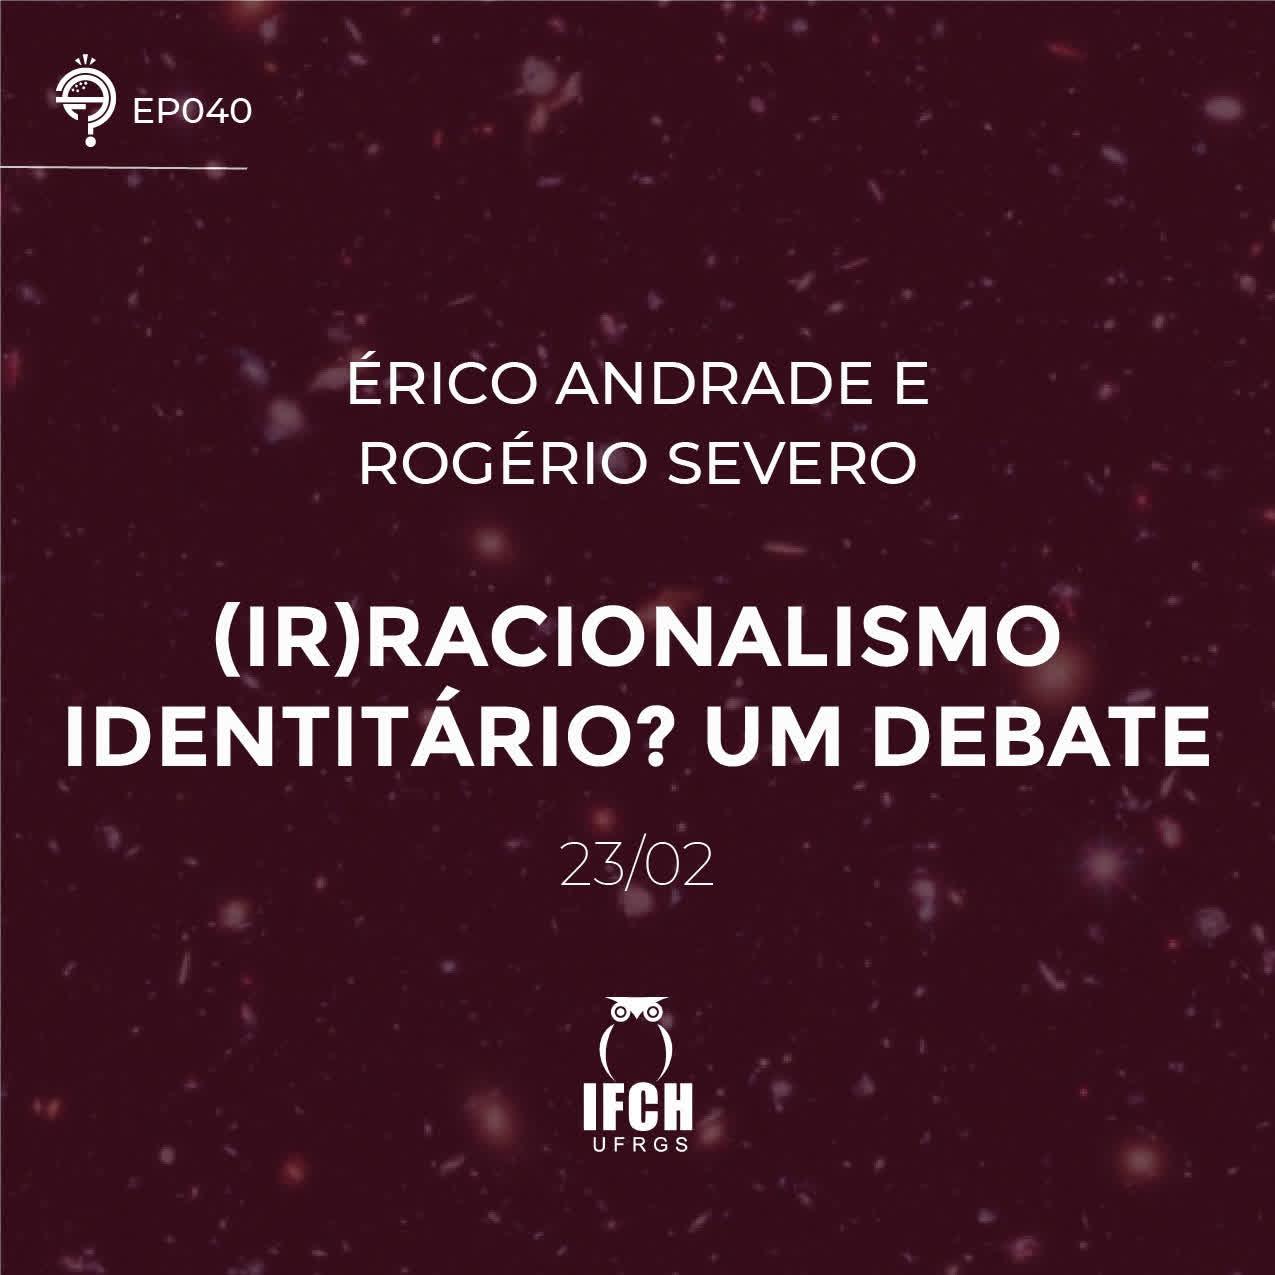 Ep. 040: (Ir)racionalismo identitário? Um debate